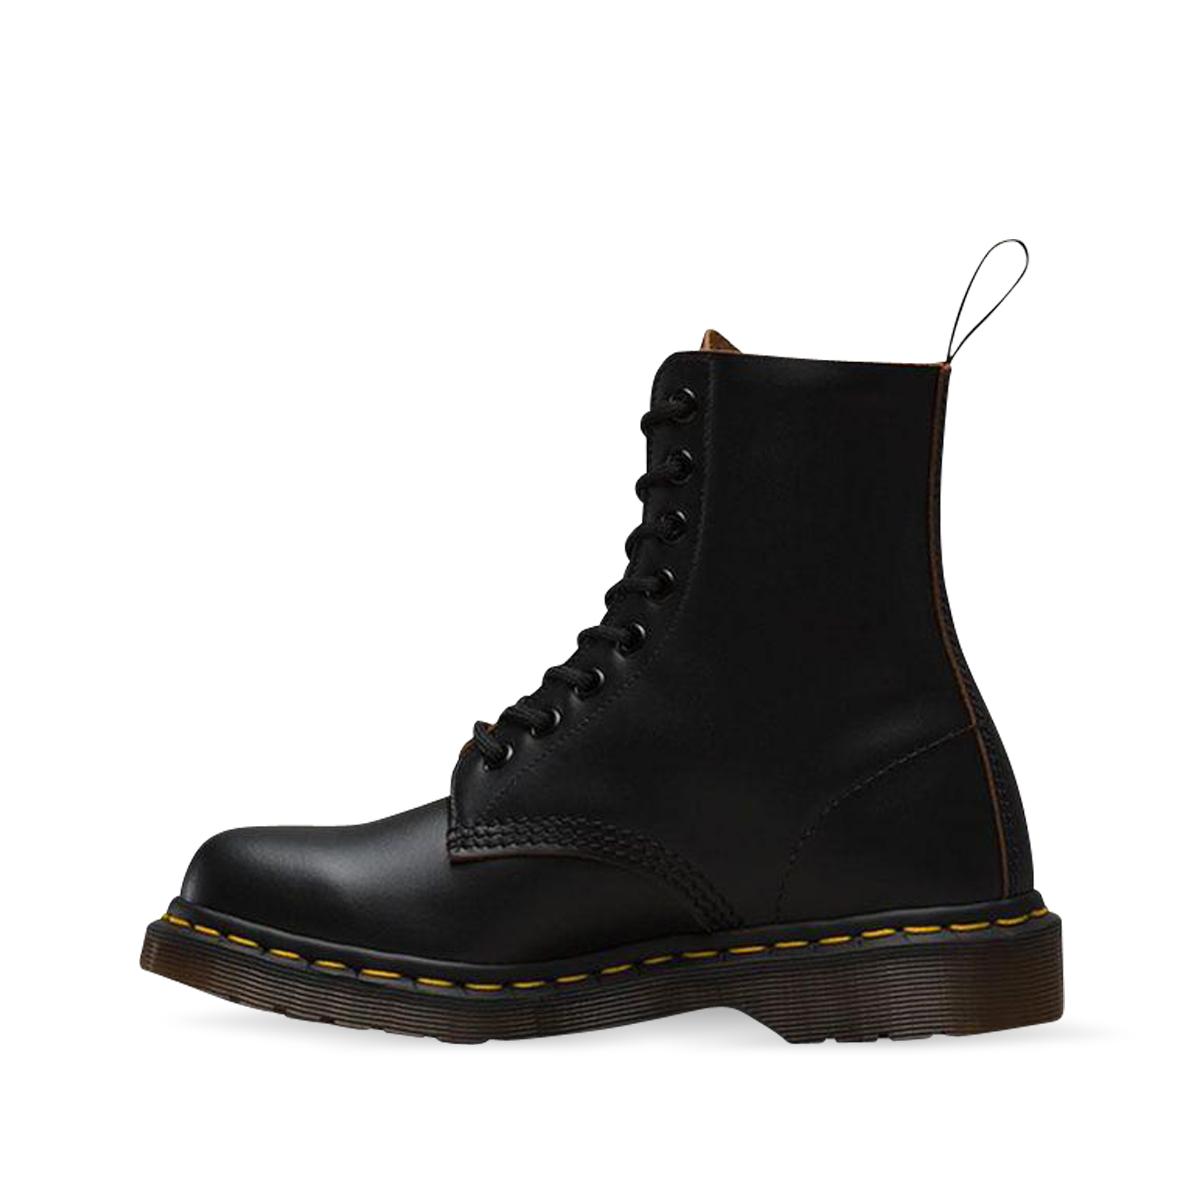 Dr Martens 1460 Vintage 8 Eye Boot